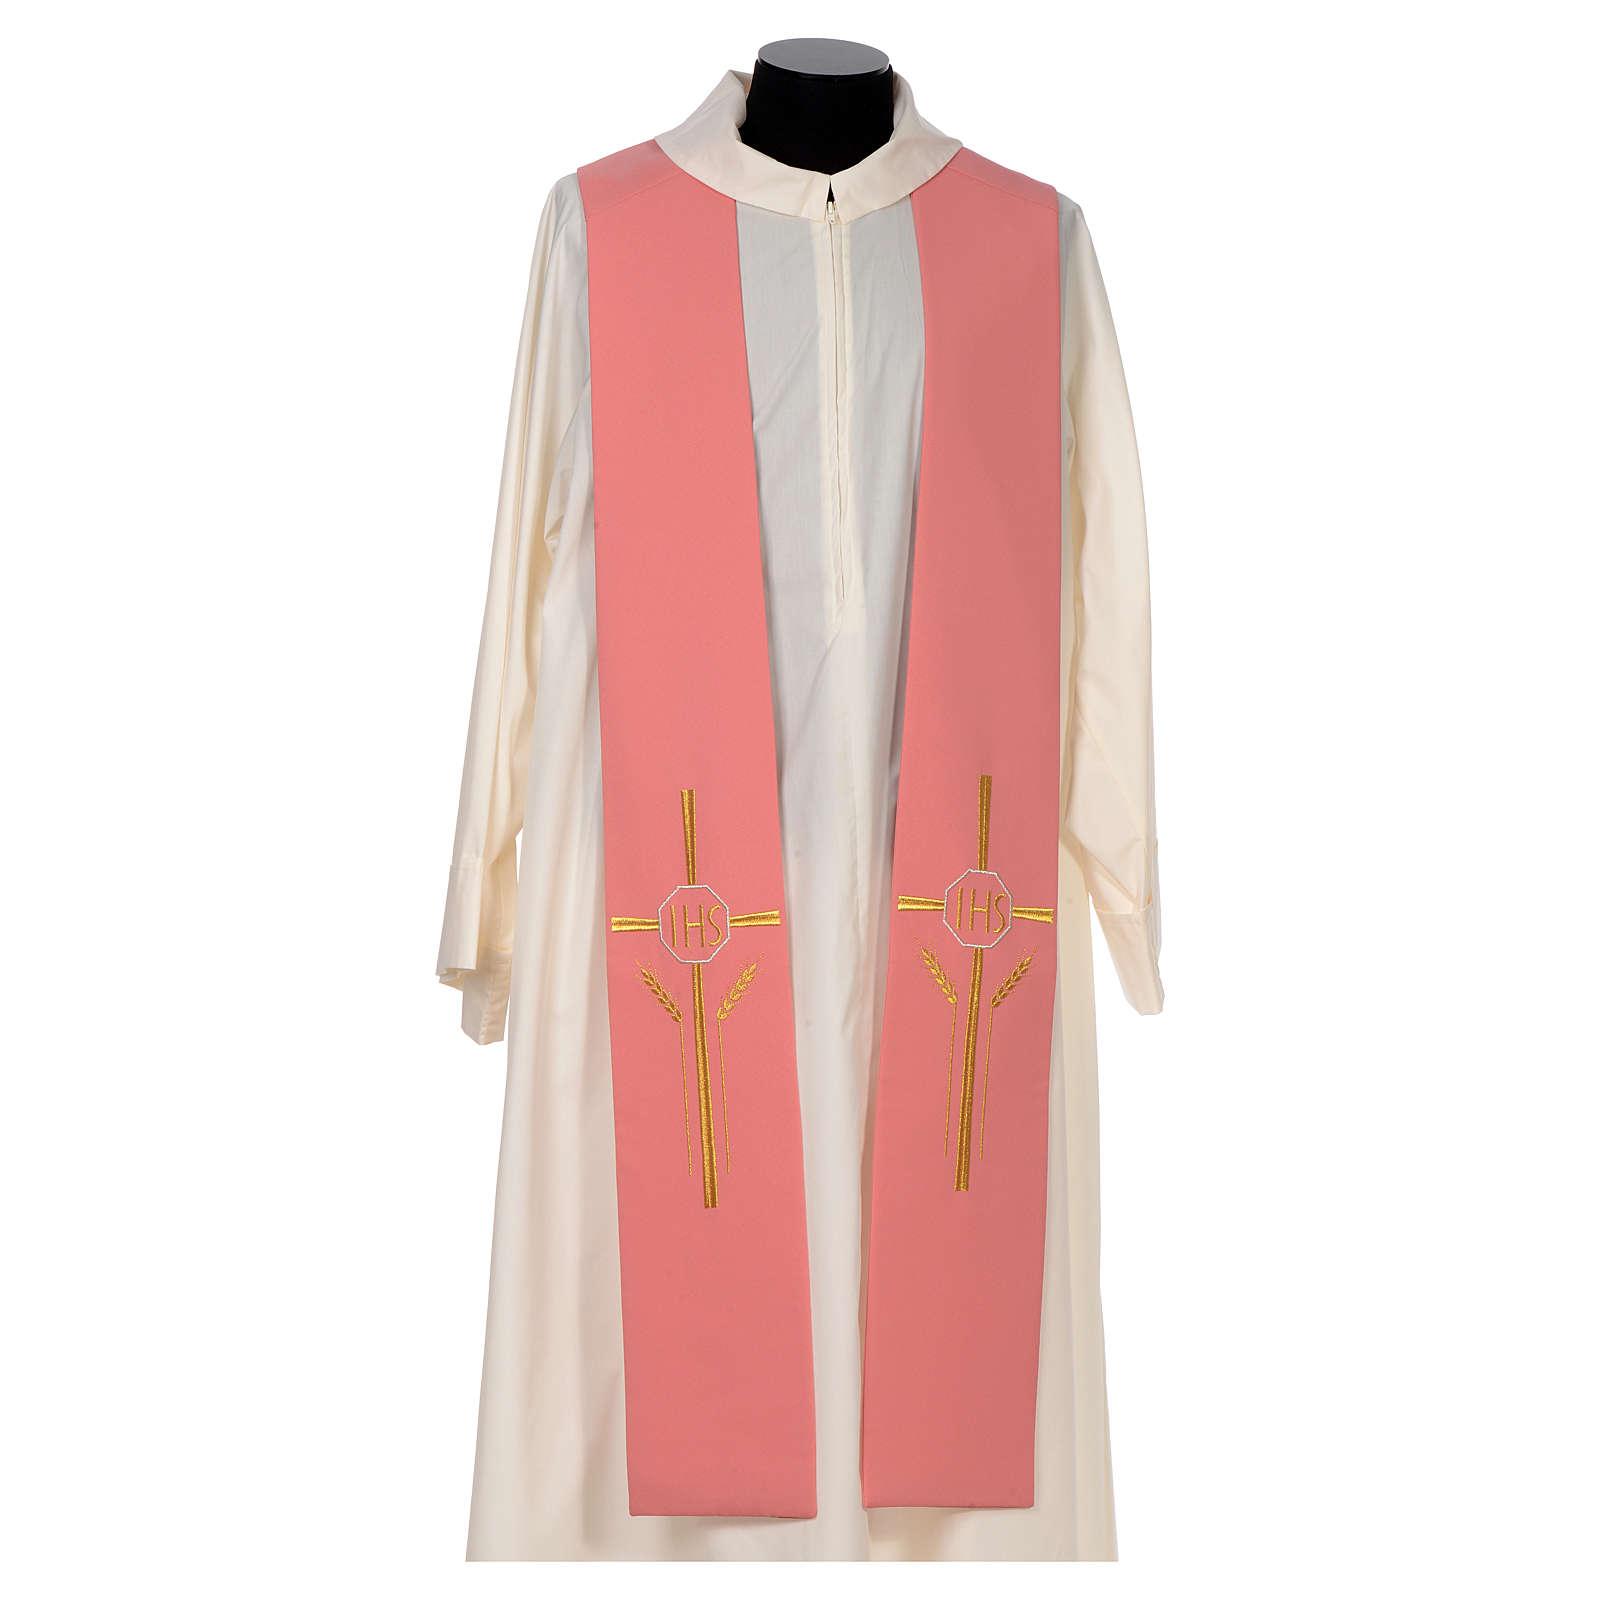 Estolão cor-de-rosa 100% poliéster IHS cruz trigo 4